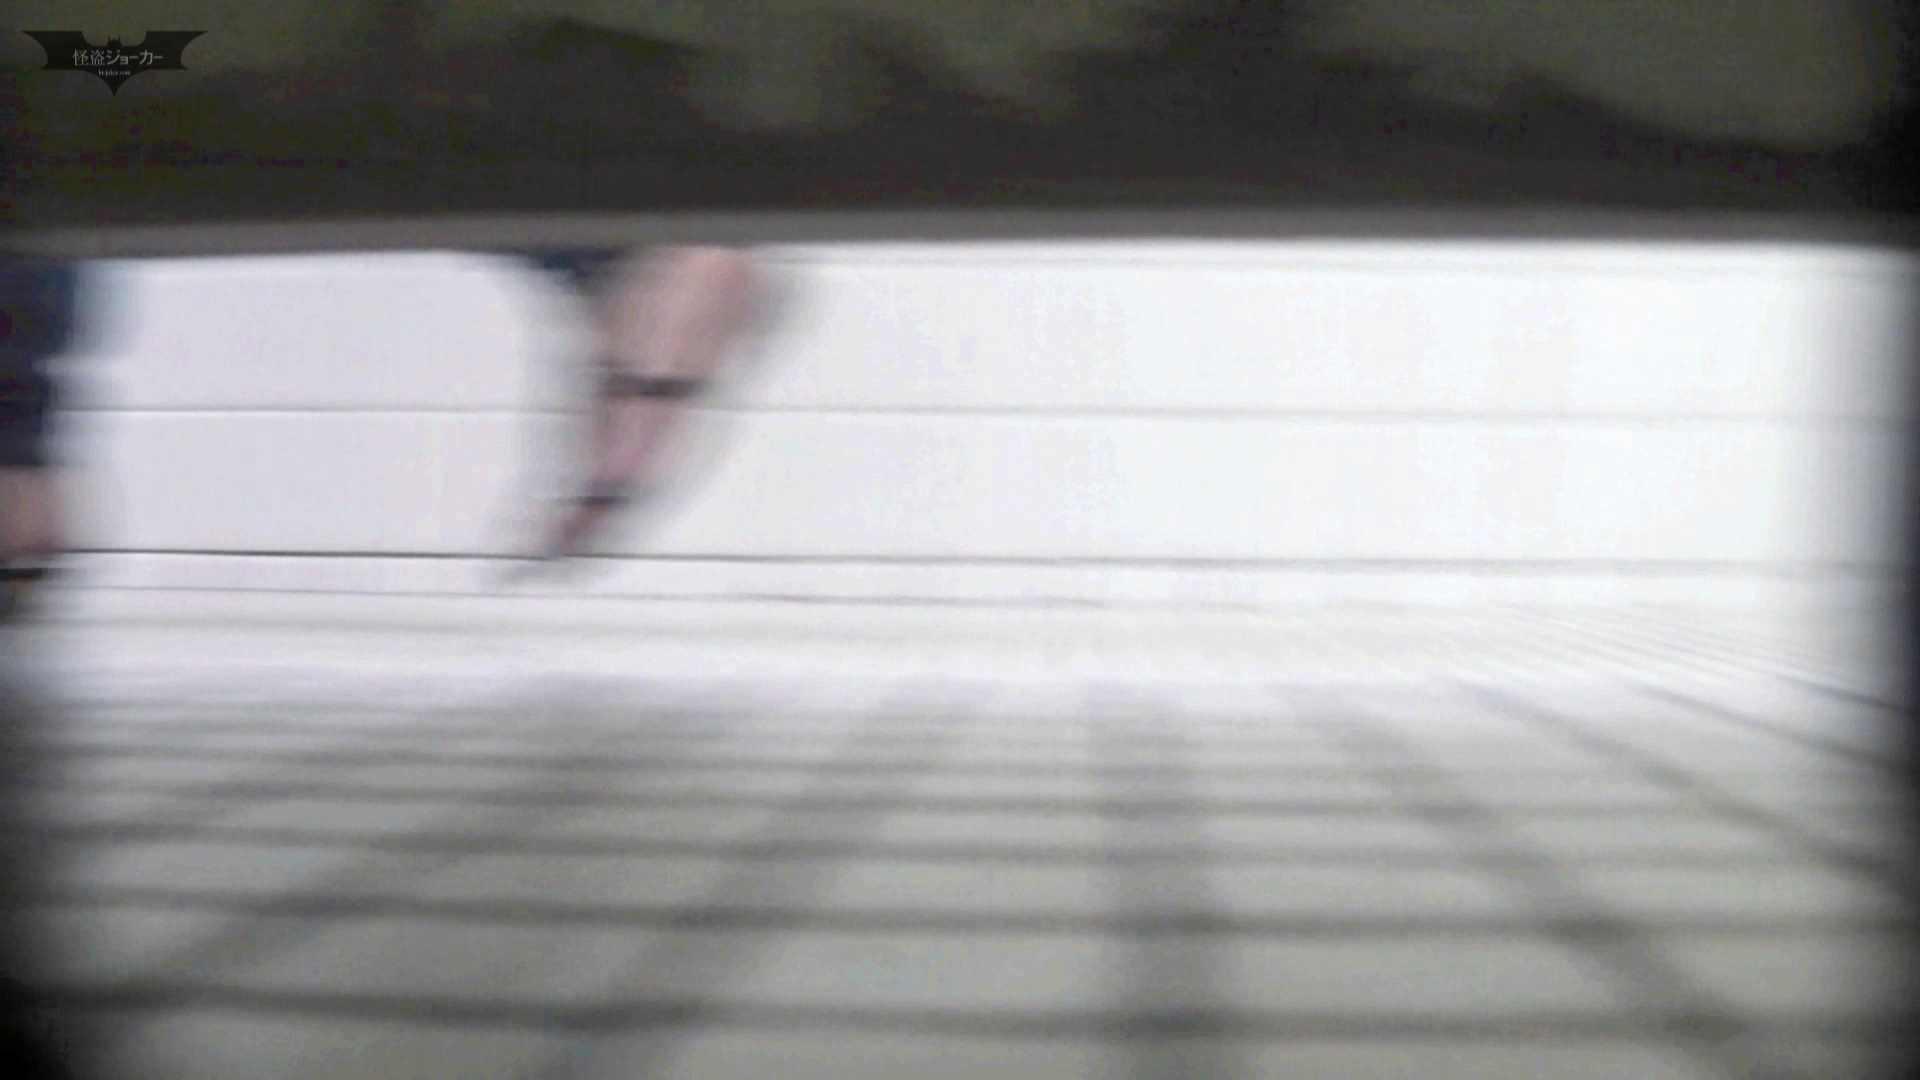 洗面所特攻隊 vol.68 前回のスーパー美女がついに【2015・14位】 OL  78pic 24